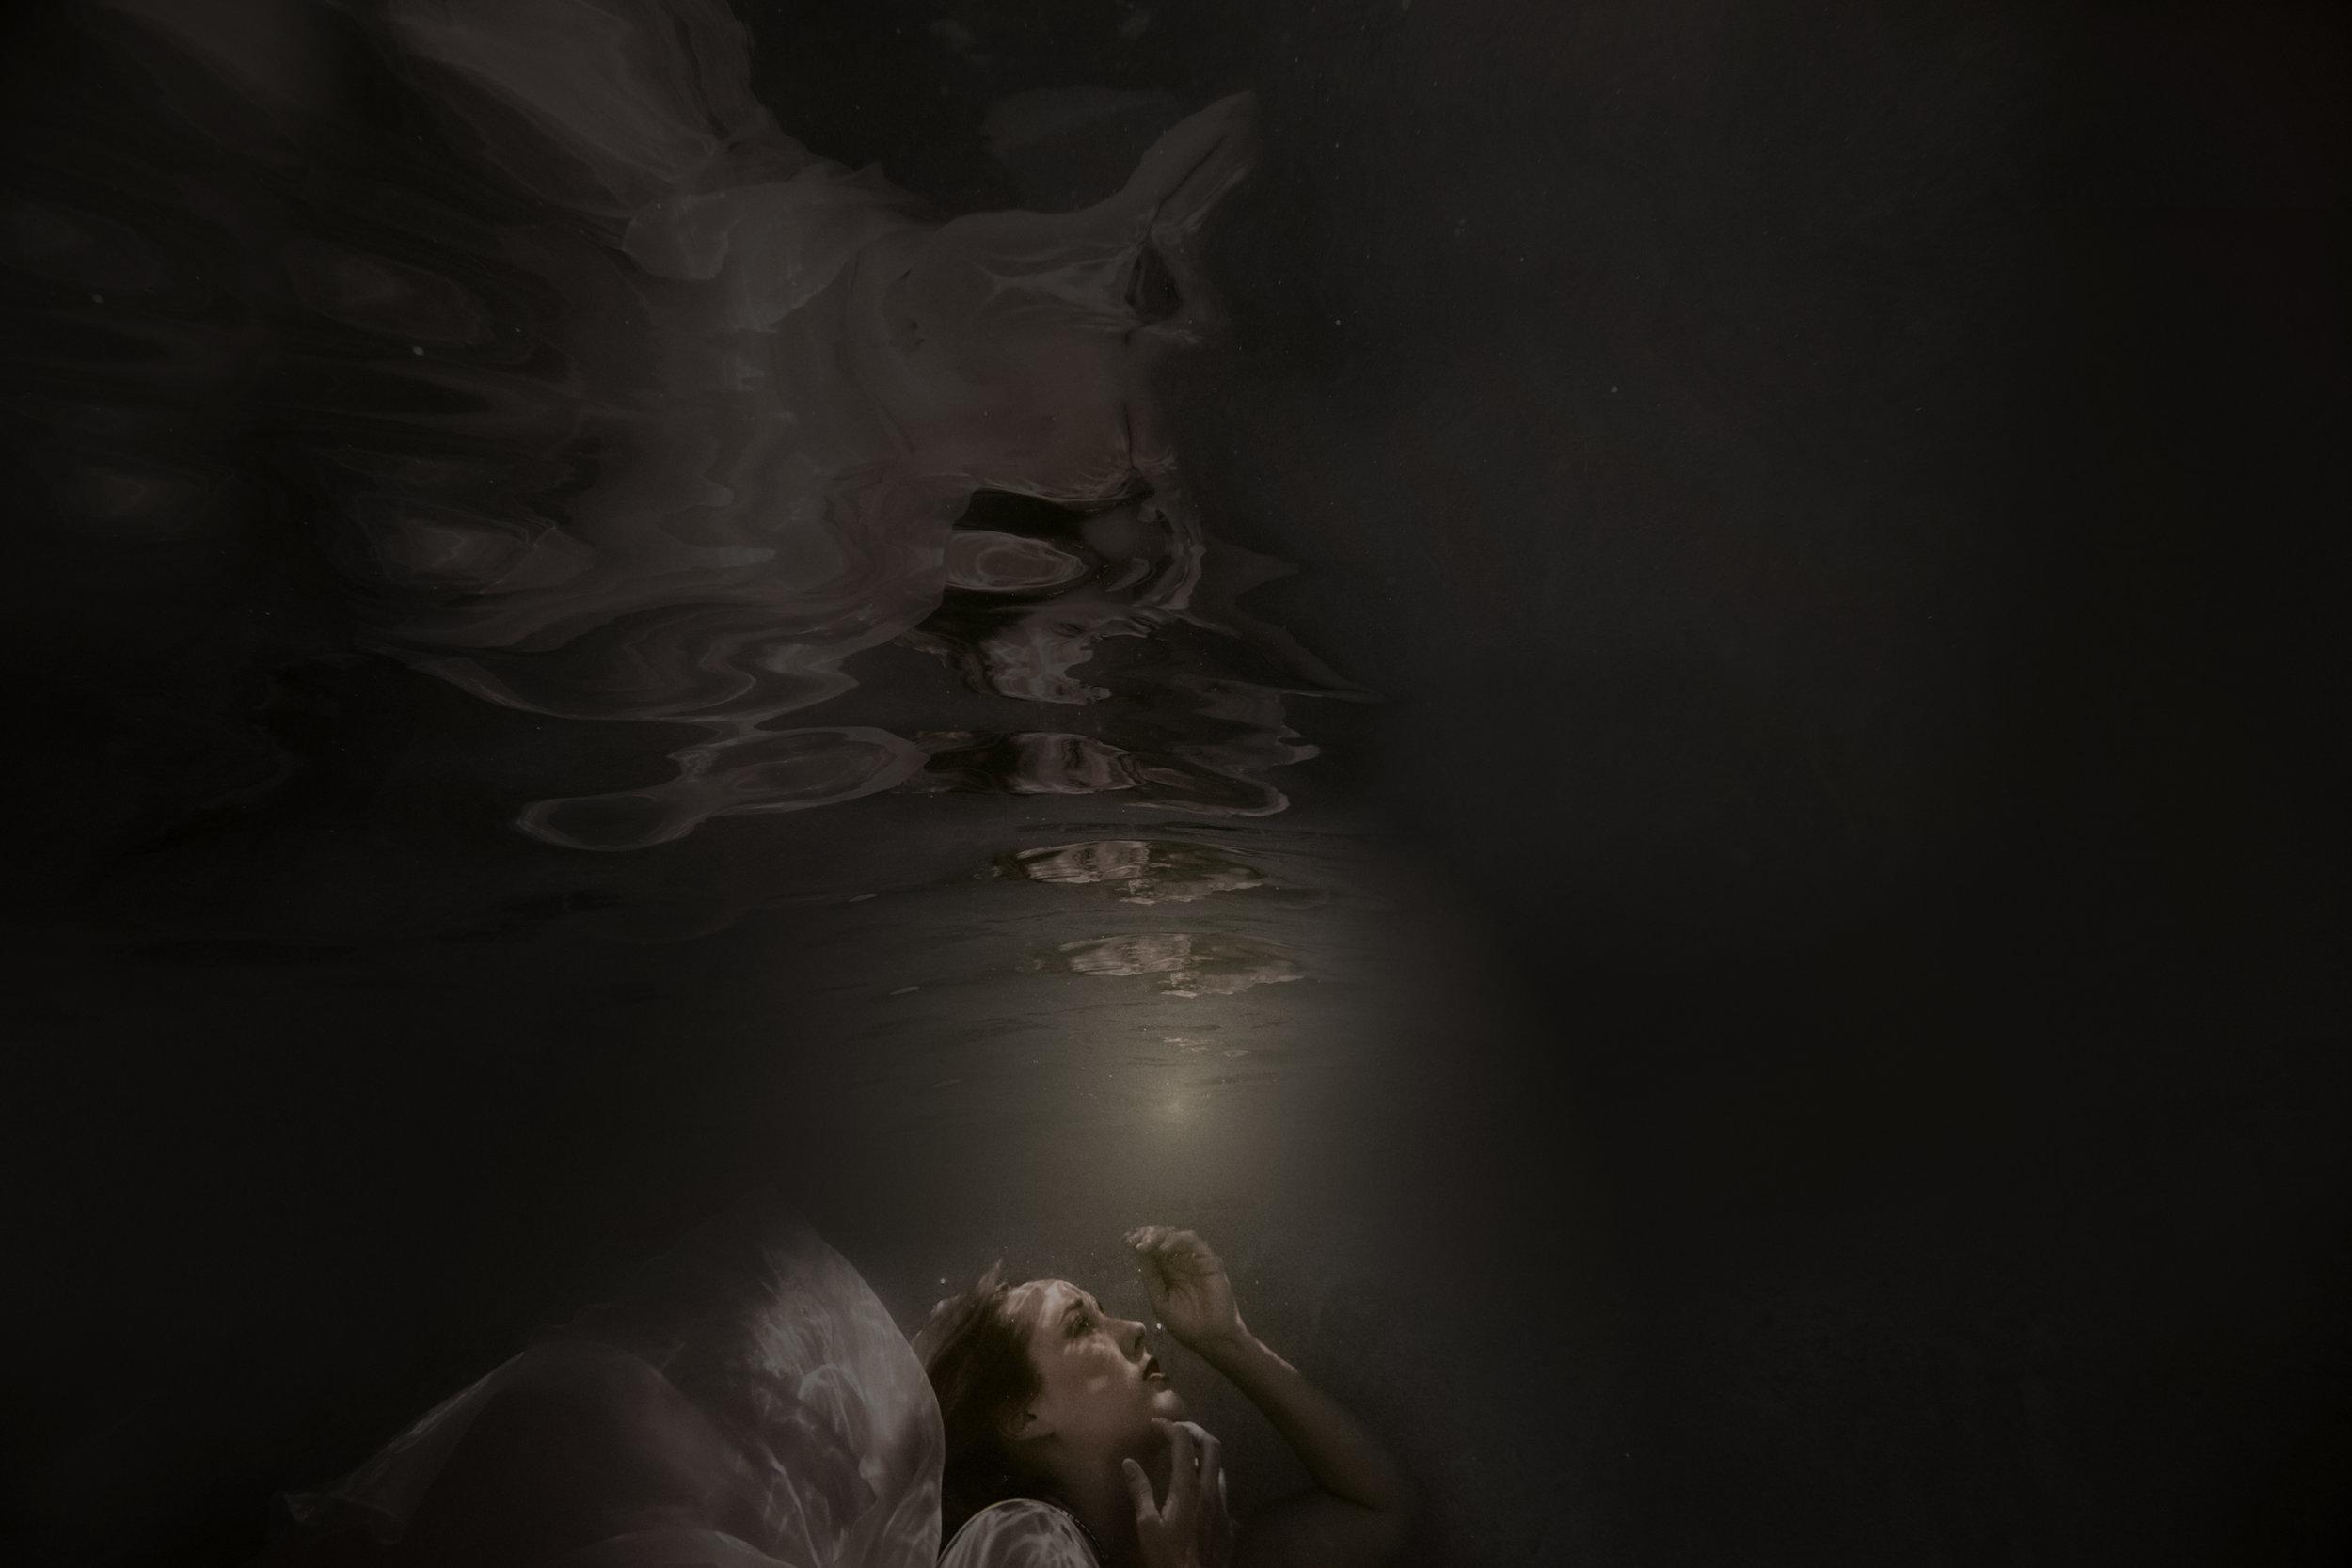 Underwater3a.jpg